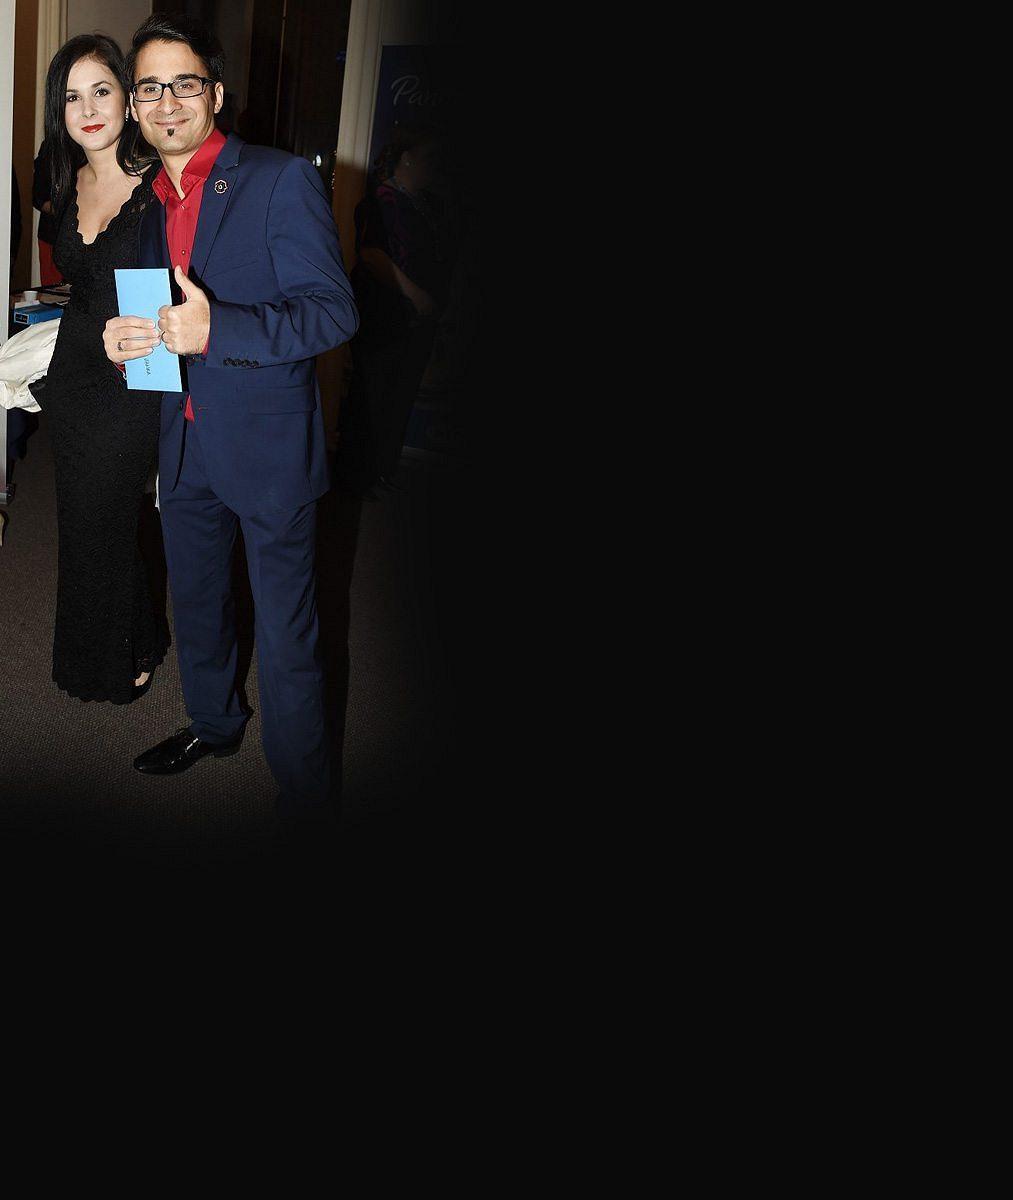 StarDance si nenechal ujít ani Radek Banga: Zpěvák se pochlubil půvabnou manželkou